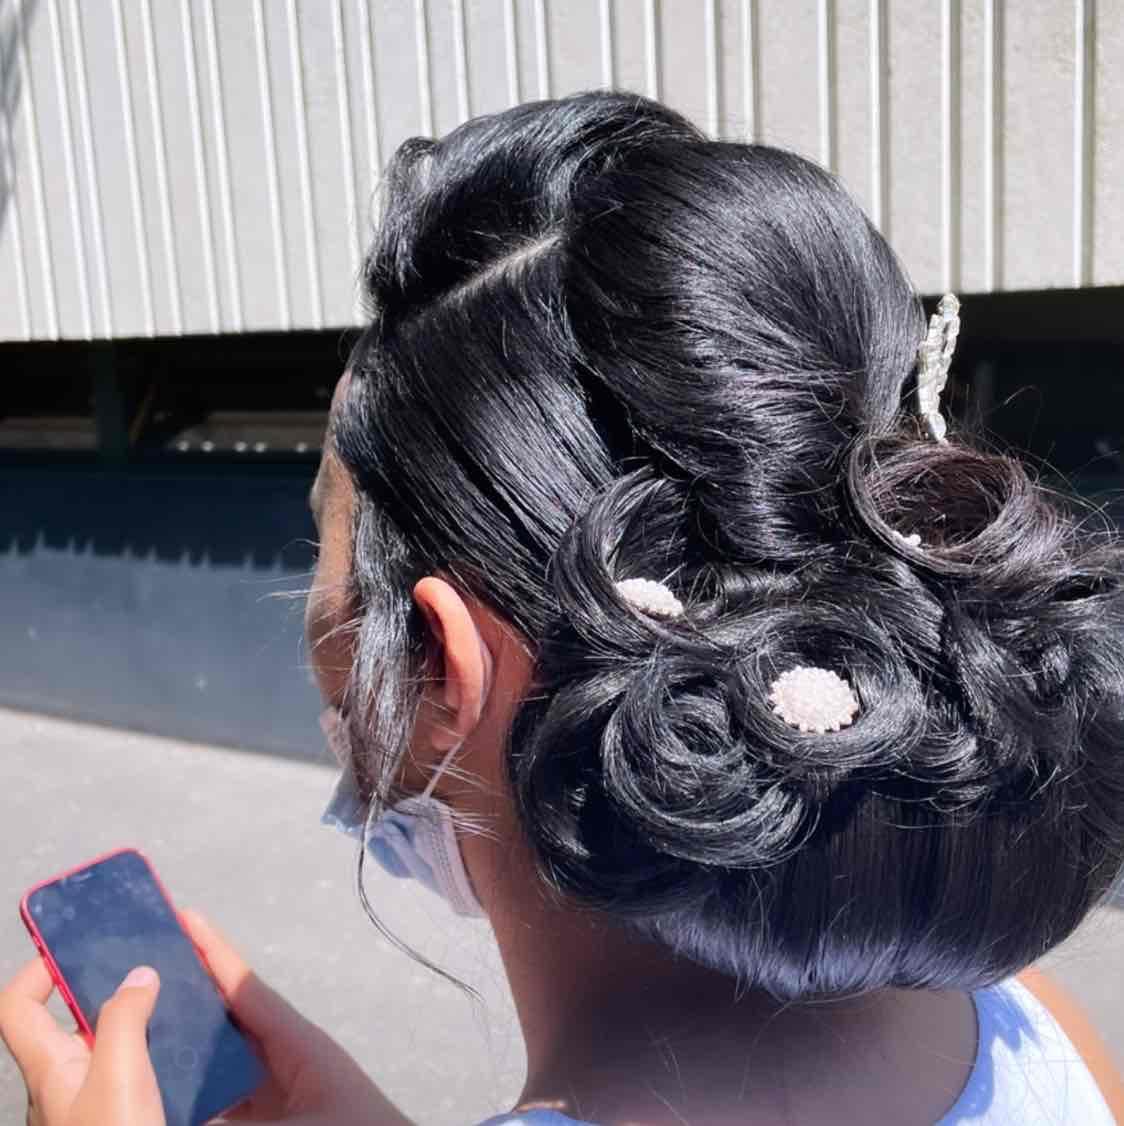 salon de coiffure afro tresse tresses box braids crochet braids vanilles tissages paris 75 77 78 91 92 93 94 95 WQCABVWC